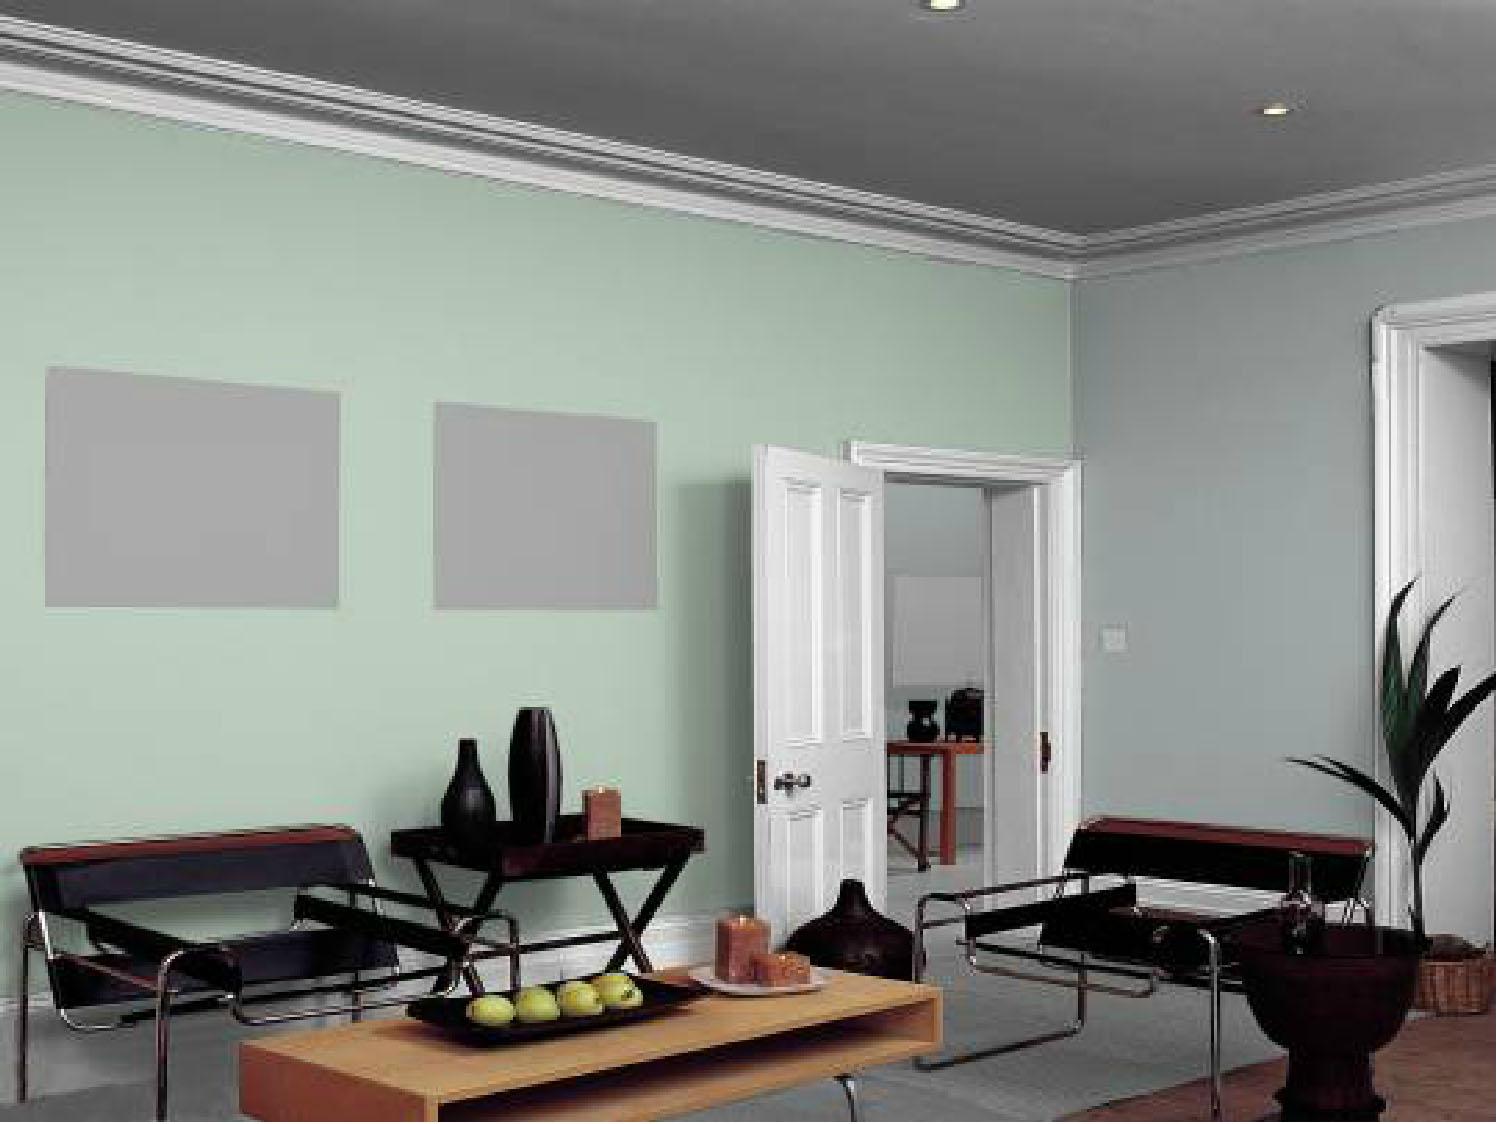 Muebleando otra vez eligiendo color con el simulador de - Simulador pintar habitacion ...